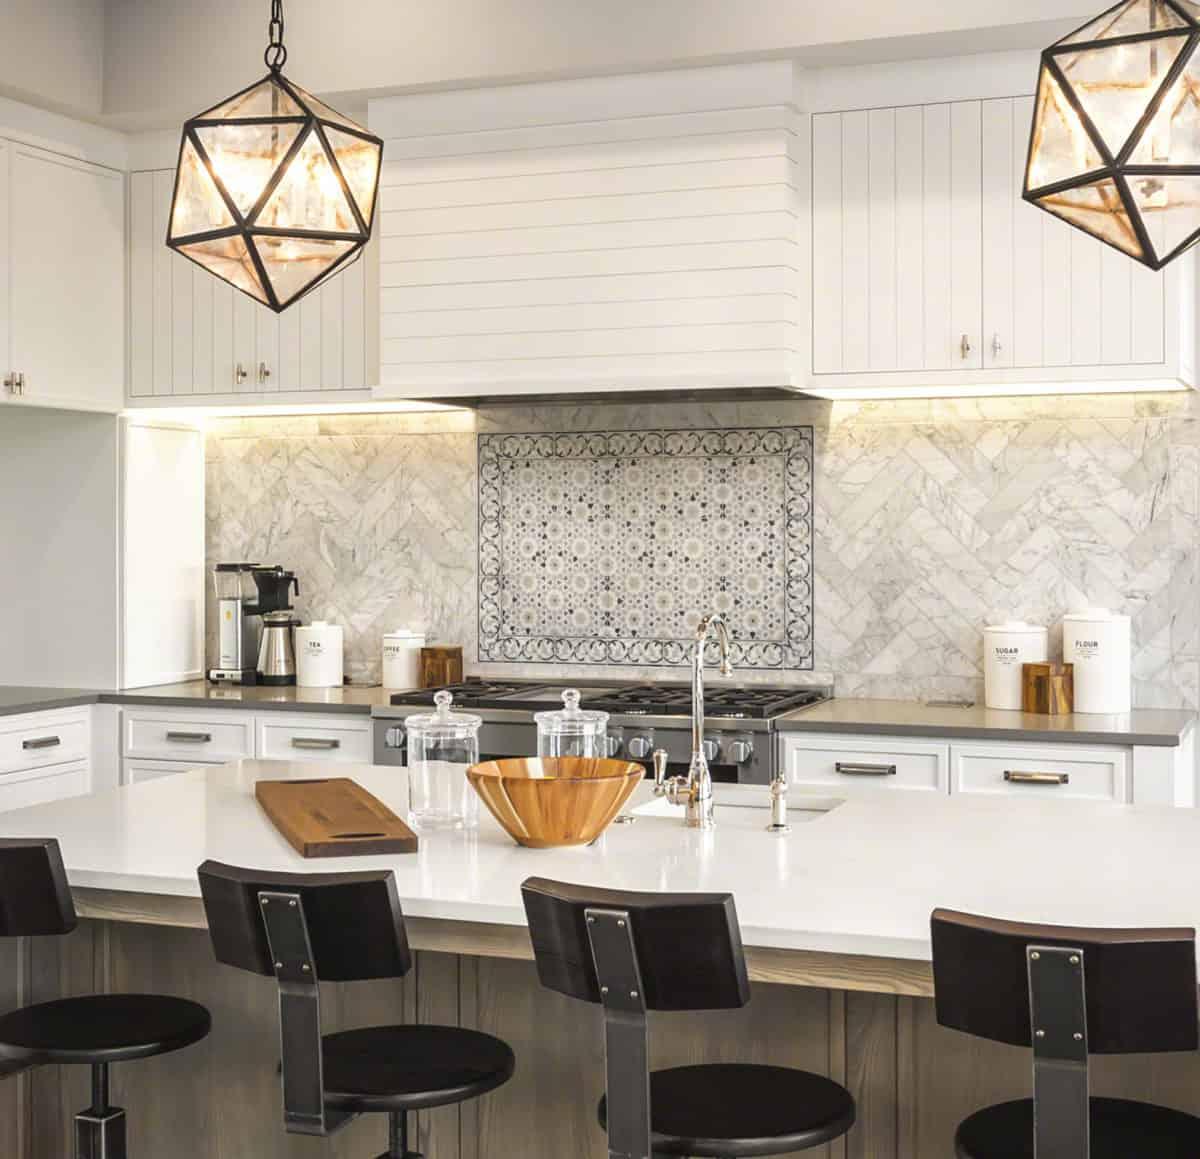 Tavira Kitchen Backsplash Installation